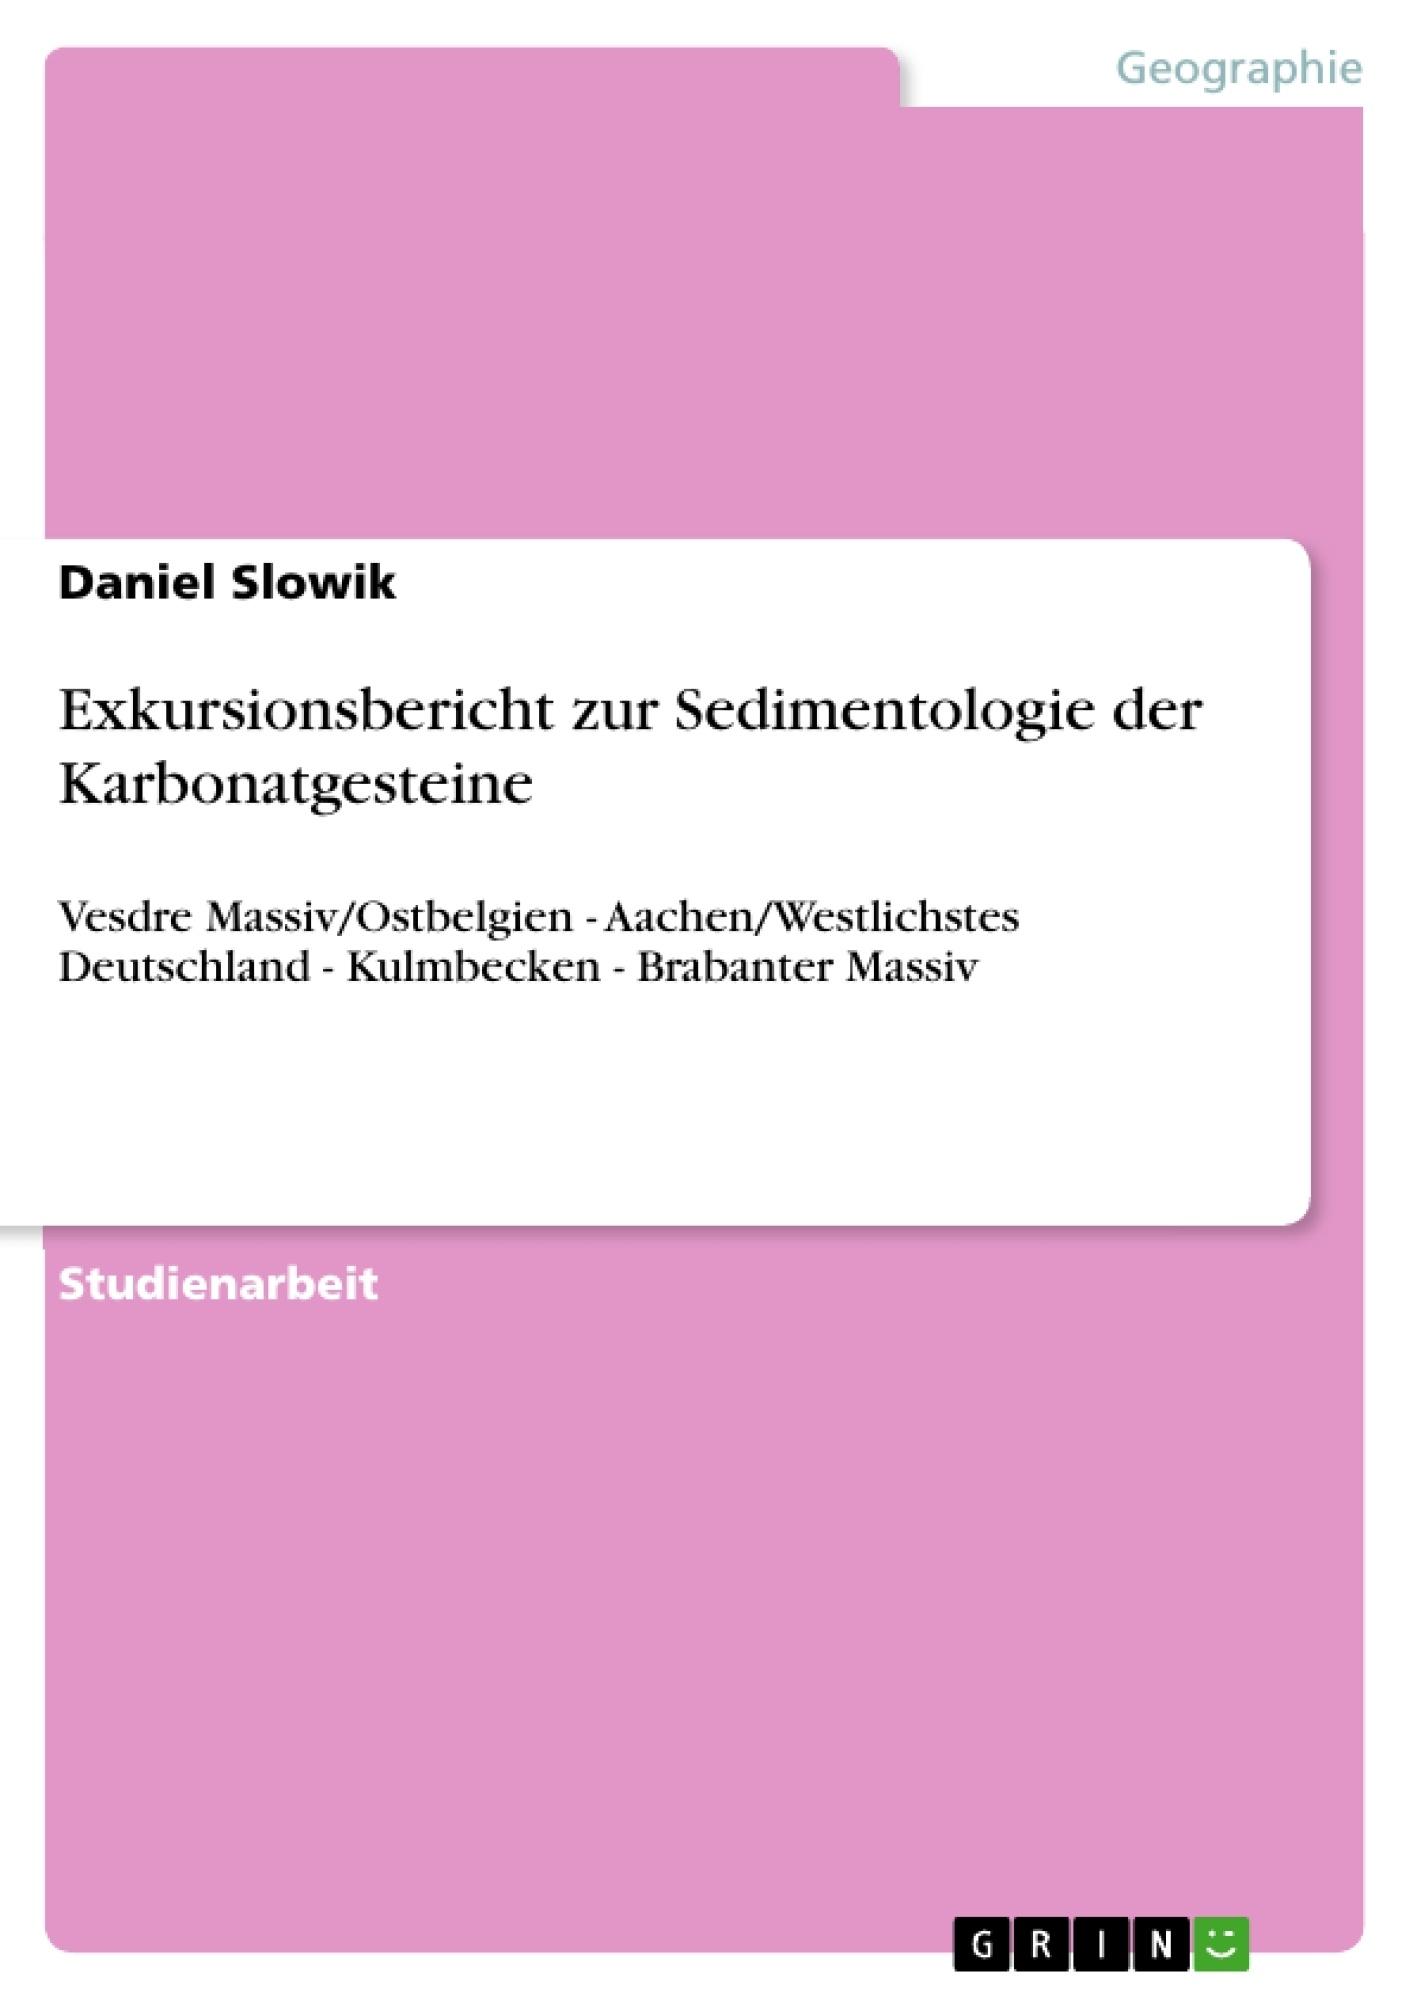 Titel: Exkursionsbericht zur Sedimentologie der Karbonatgesteine